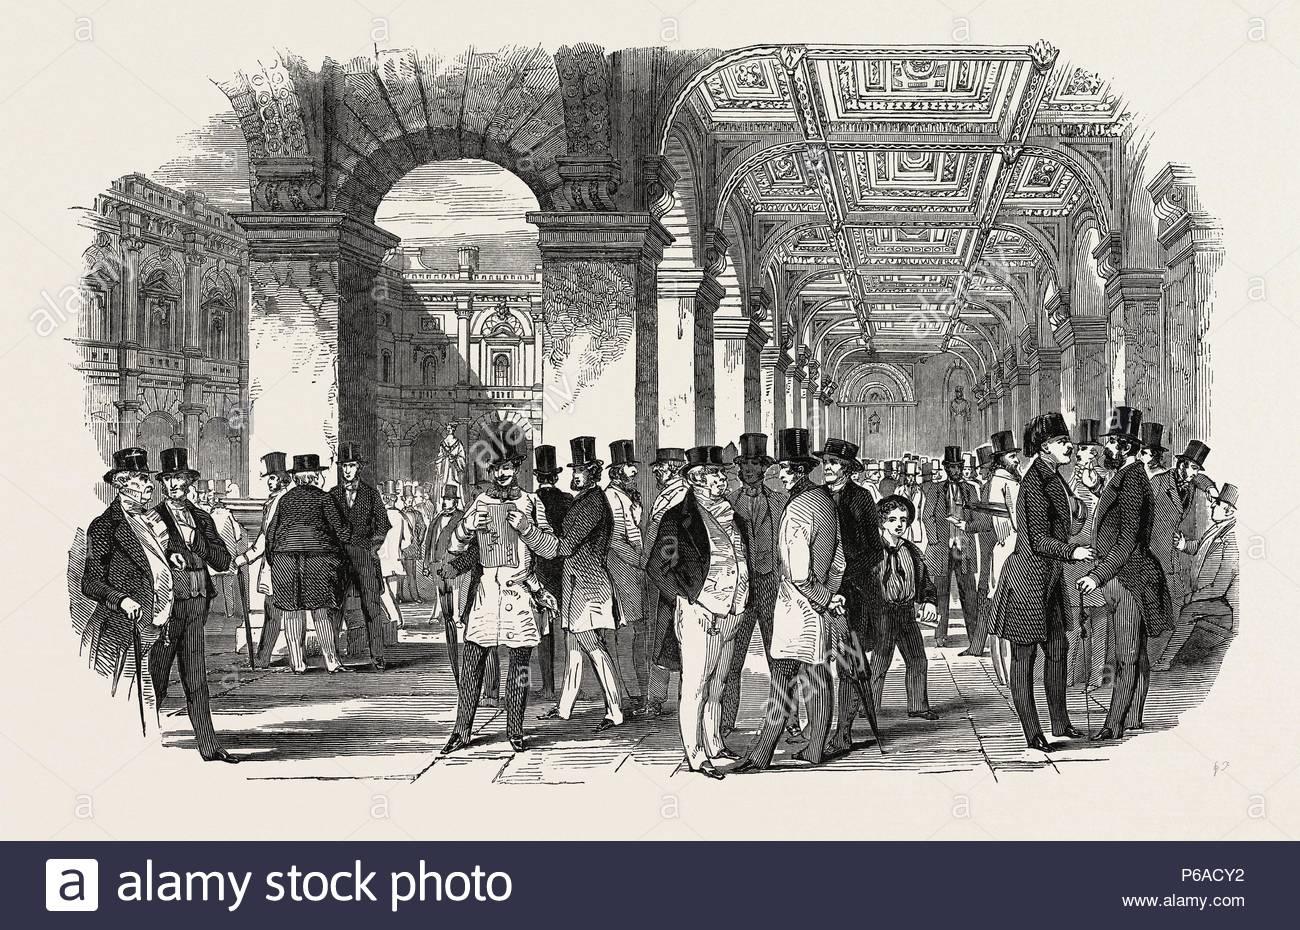 THE MERCHANTS' WALK (SOUTH WEST ANGLE), ROYAL EXCHANGE. UK, 1847. - Stock Image